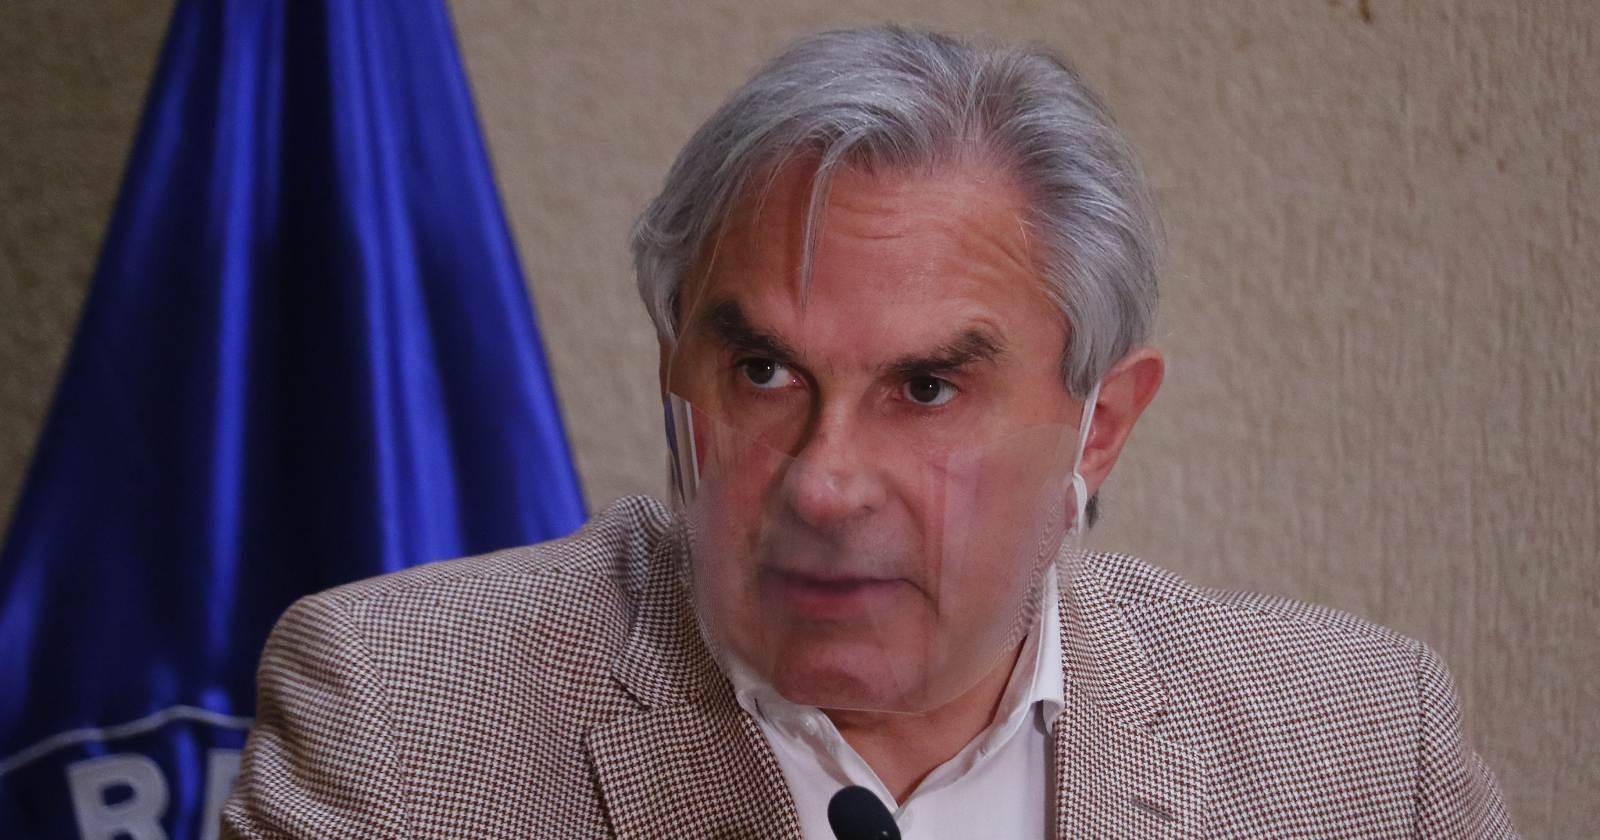 Iván Moreira será denunciado a la Comisión de Ética por validar amenazas a fiscal Chong